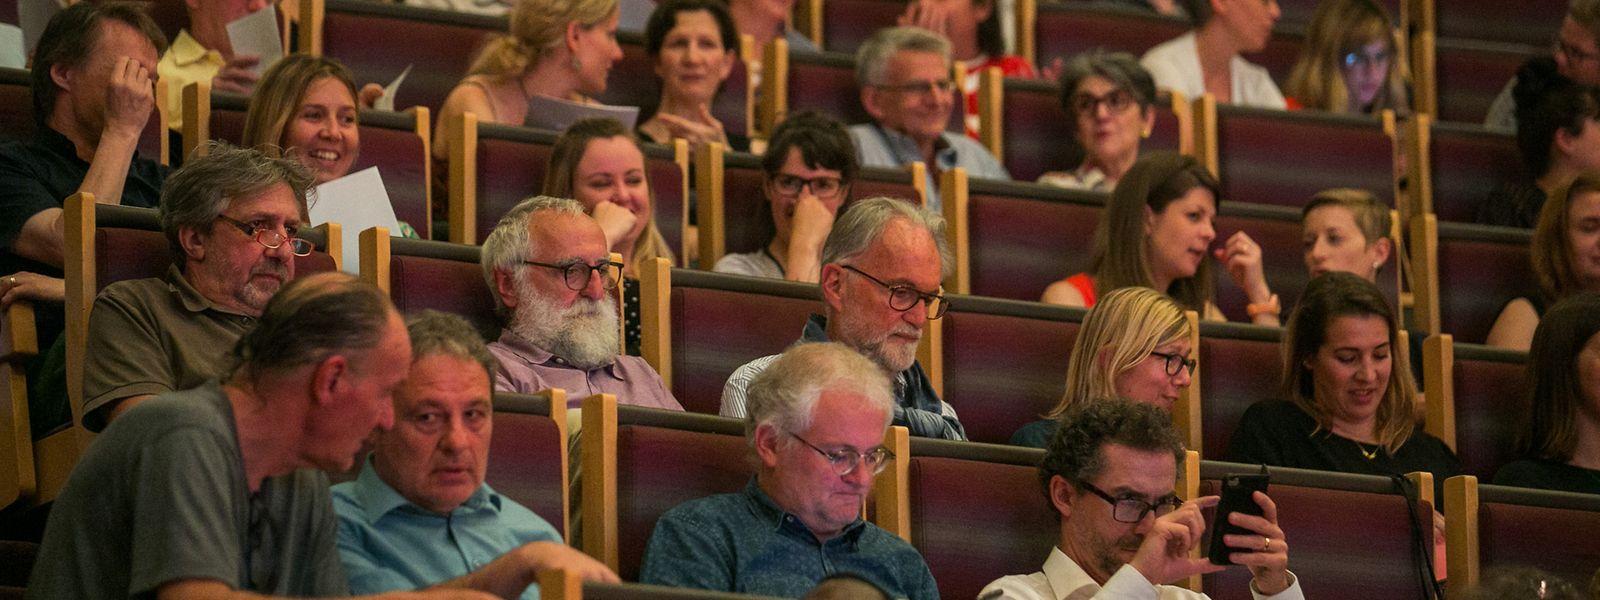 Im Musikkonservatorium wird darüber diskutiert, wie die Weichen für die Kulturpolitik in Zukunft gestellt werden sollen.